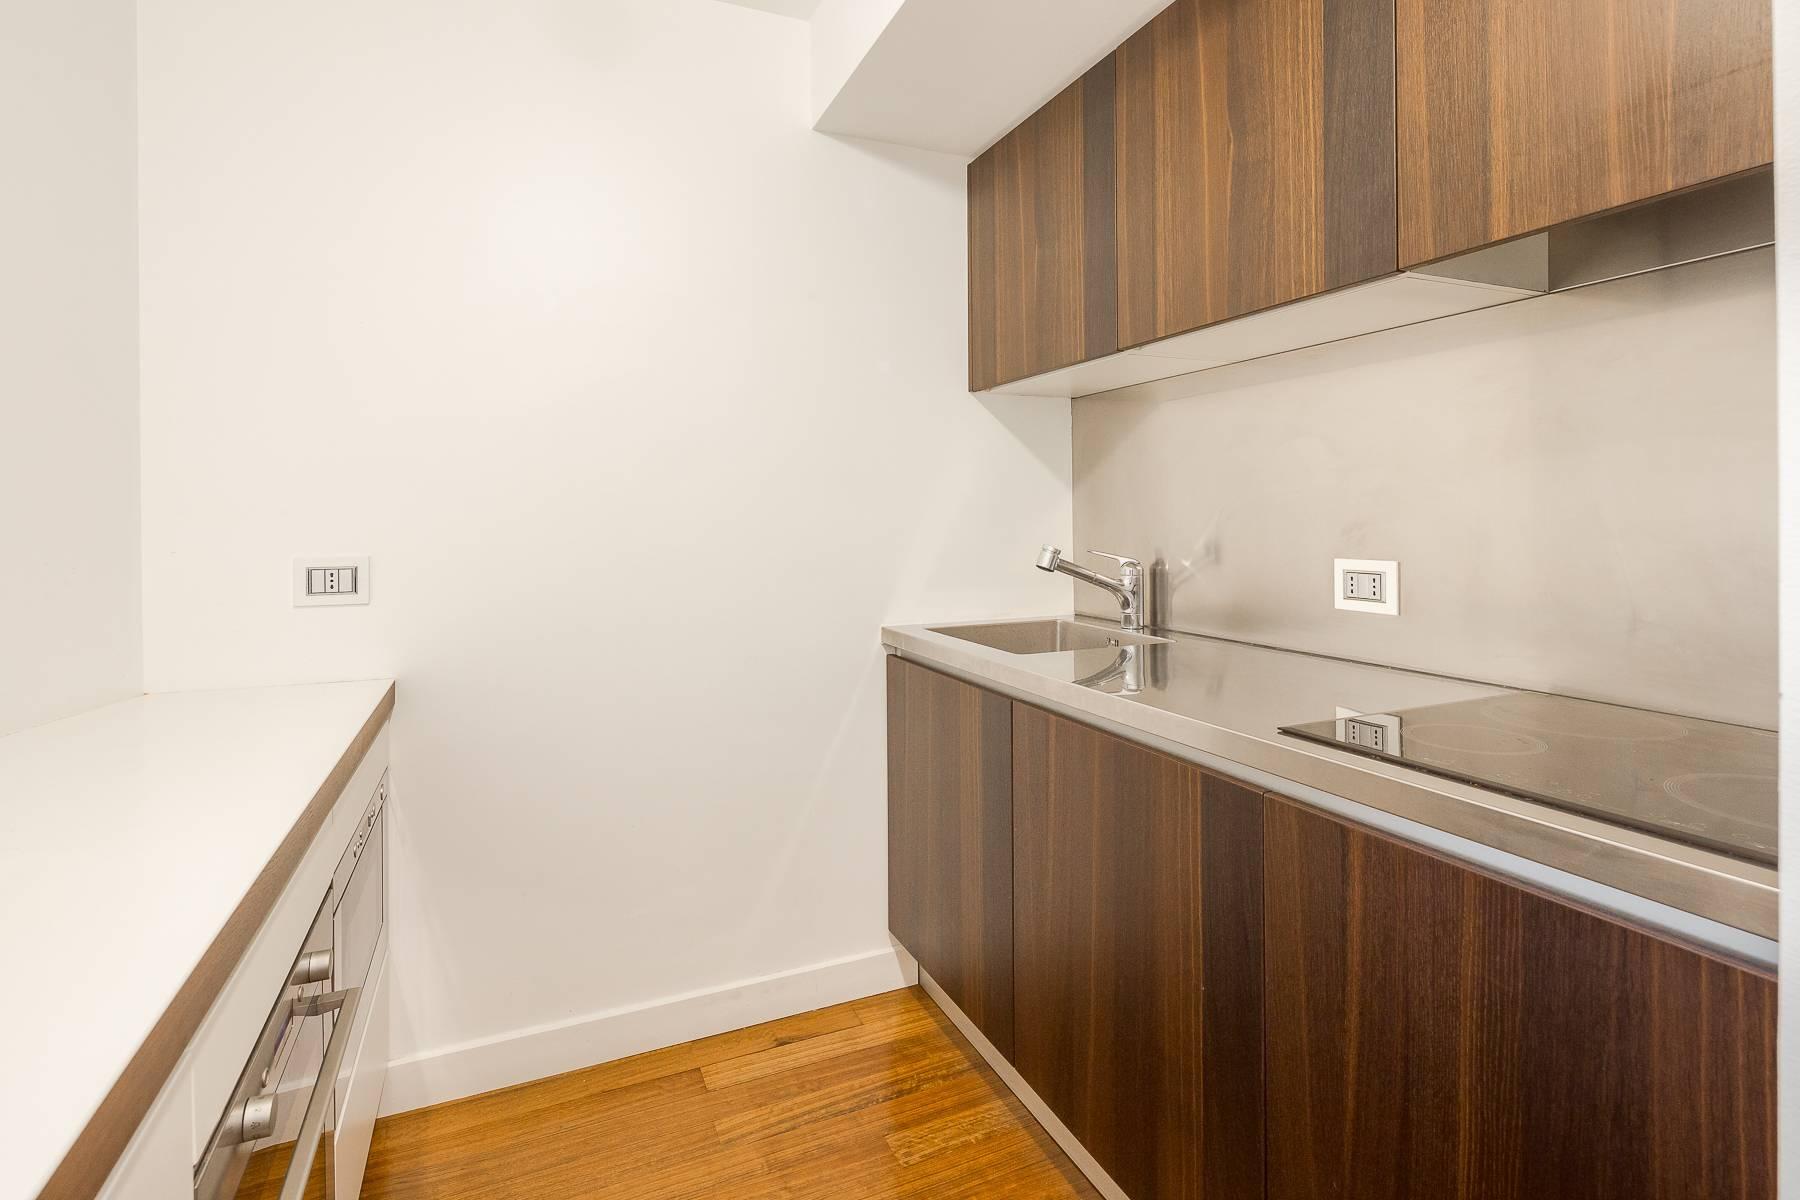 位于布雷拉区Via Montebello与De Marchi交汇处的公寓/复式 - 13